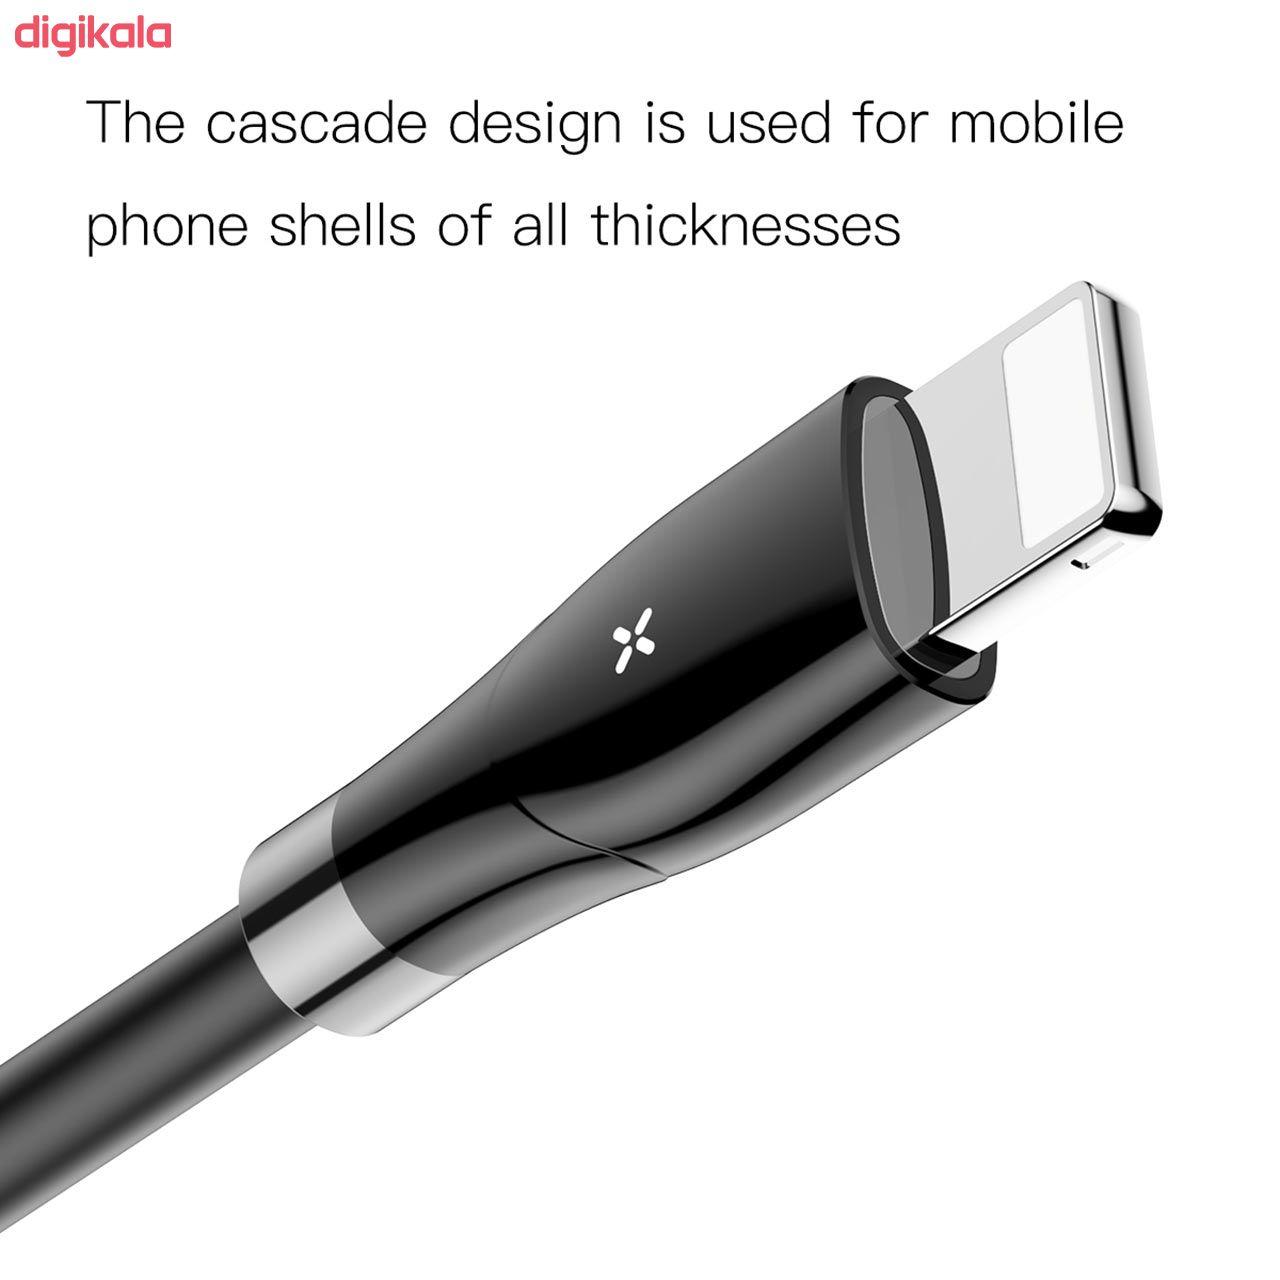 کابل تبدیل USB به لایتنینگ باسئوس مدل CALEYE طول 1.2 متر main 1 9